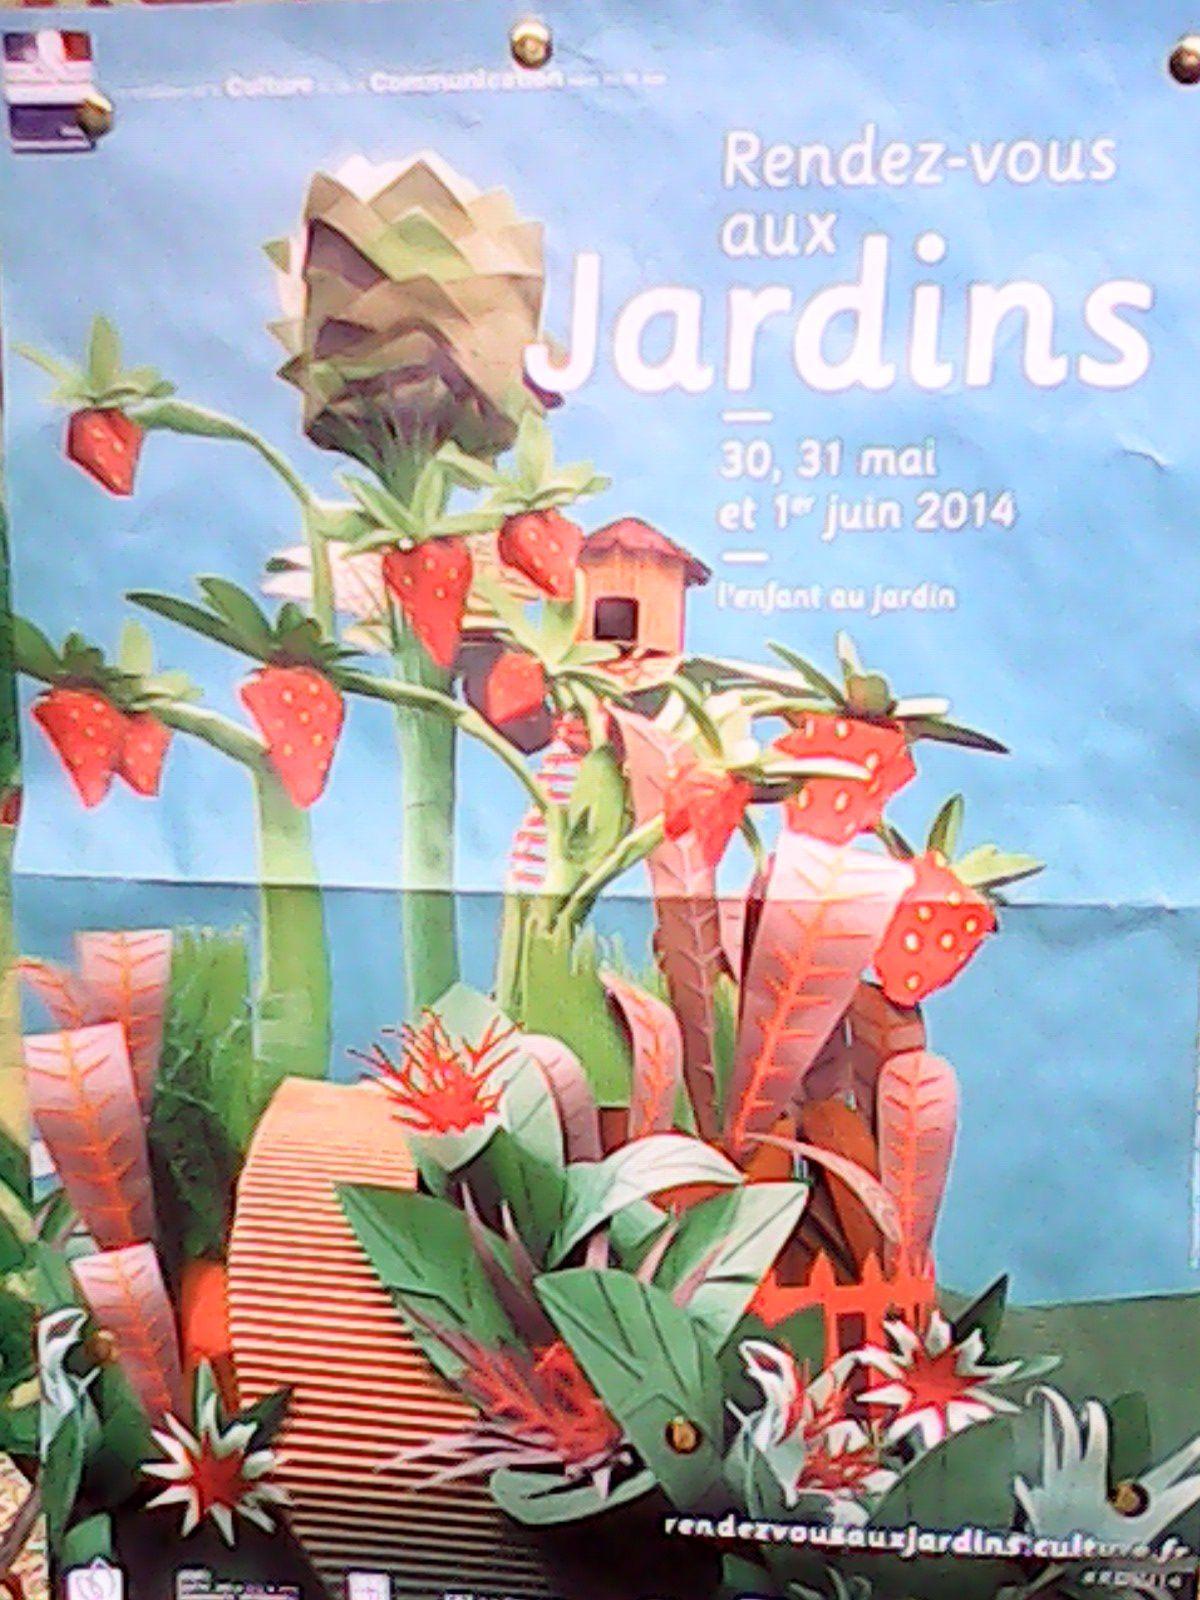 Suite rdv aux  jardin du 1 juin 2014